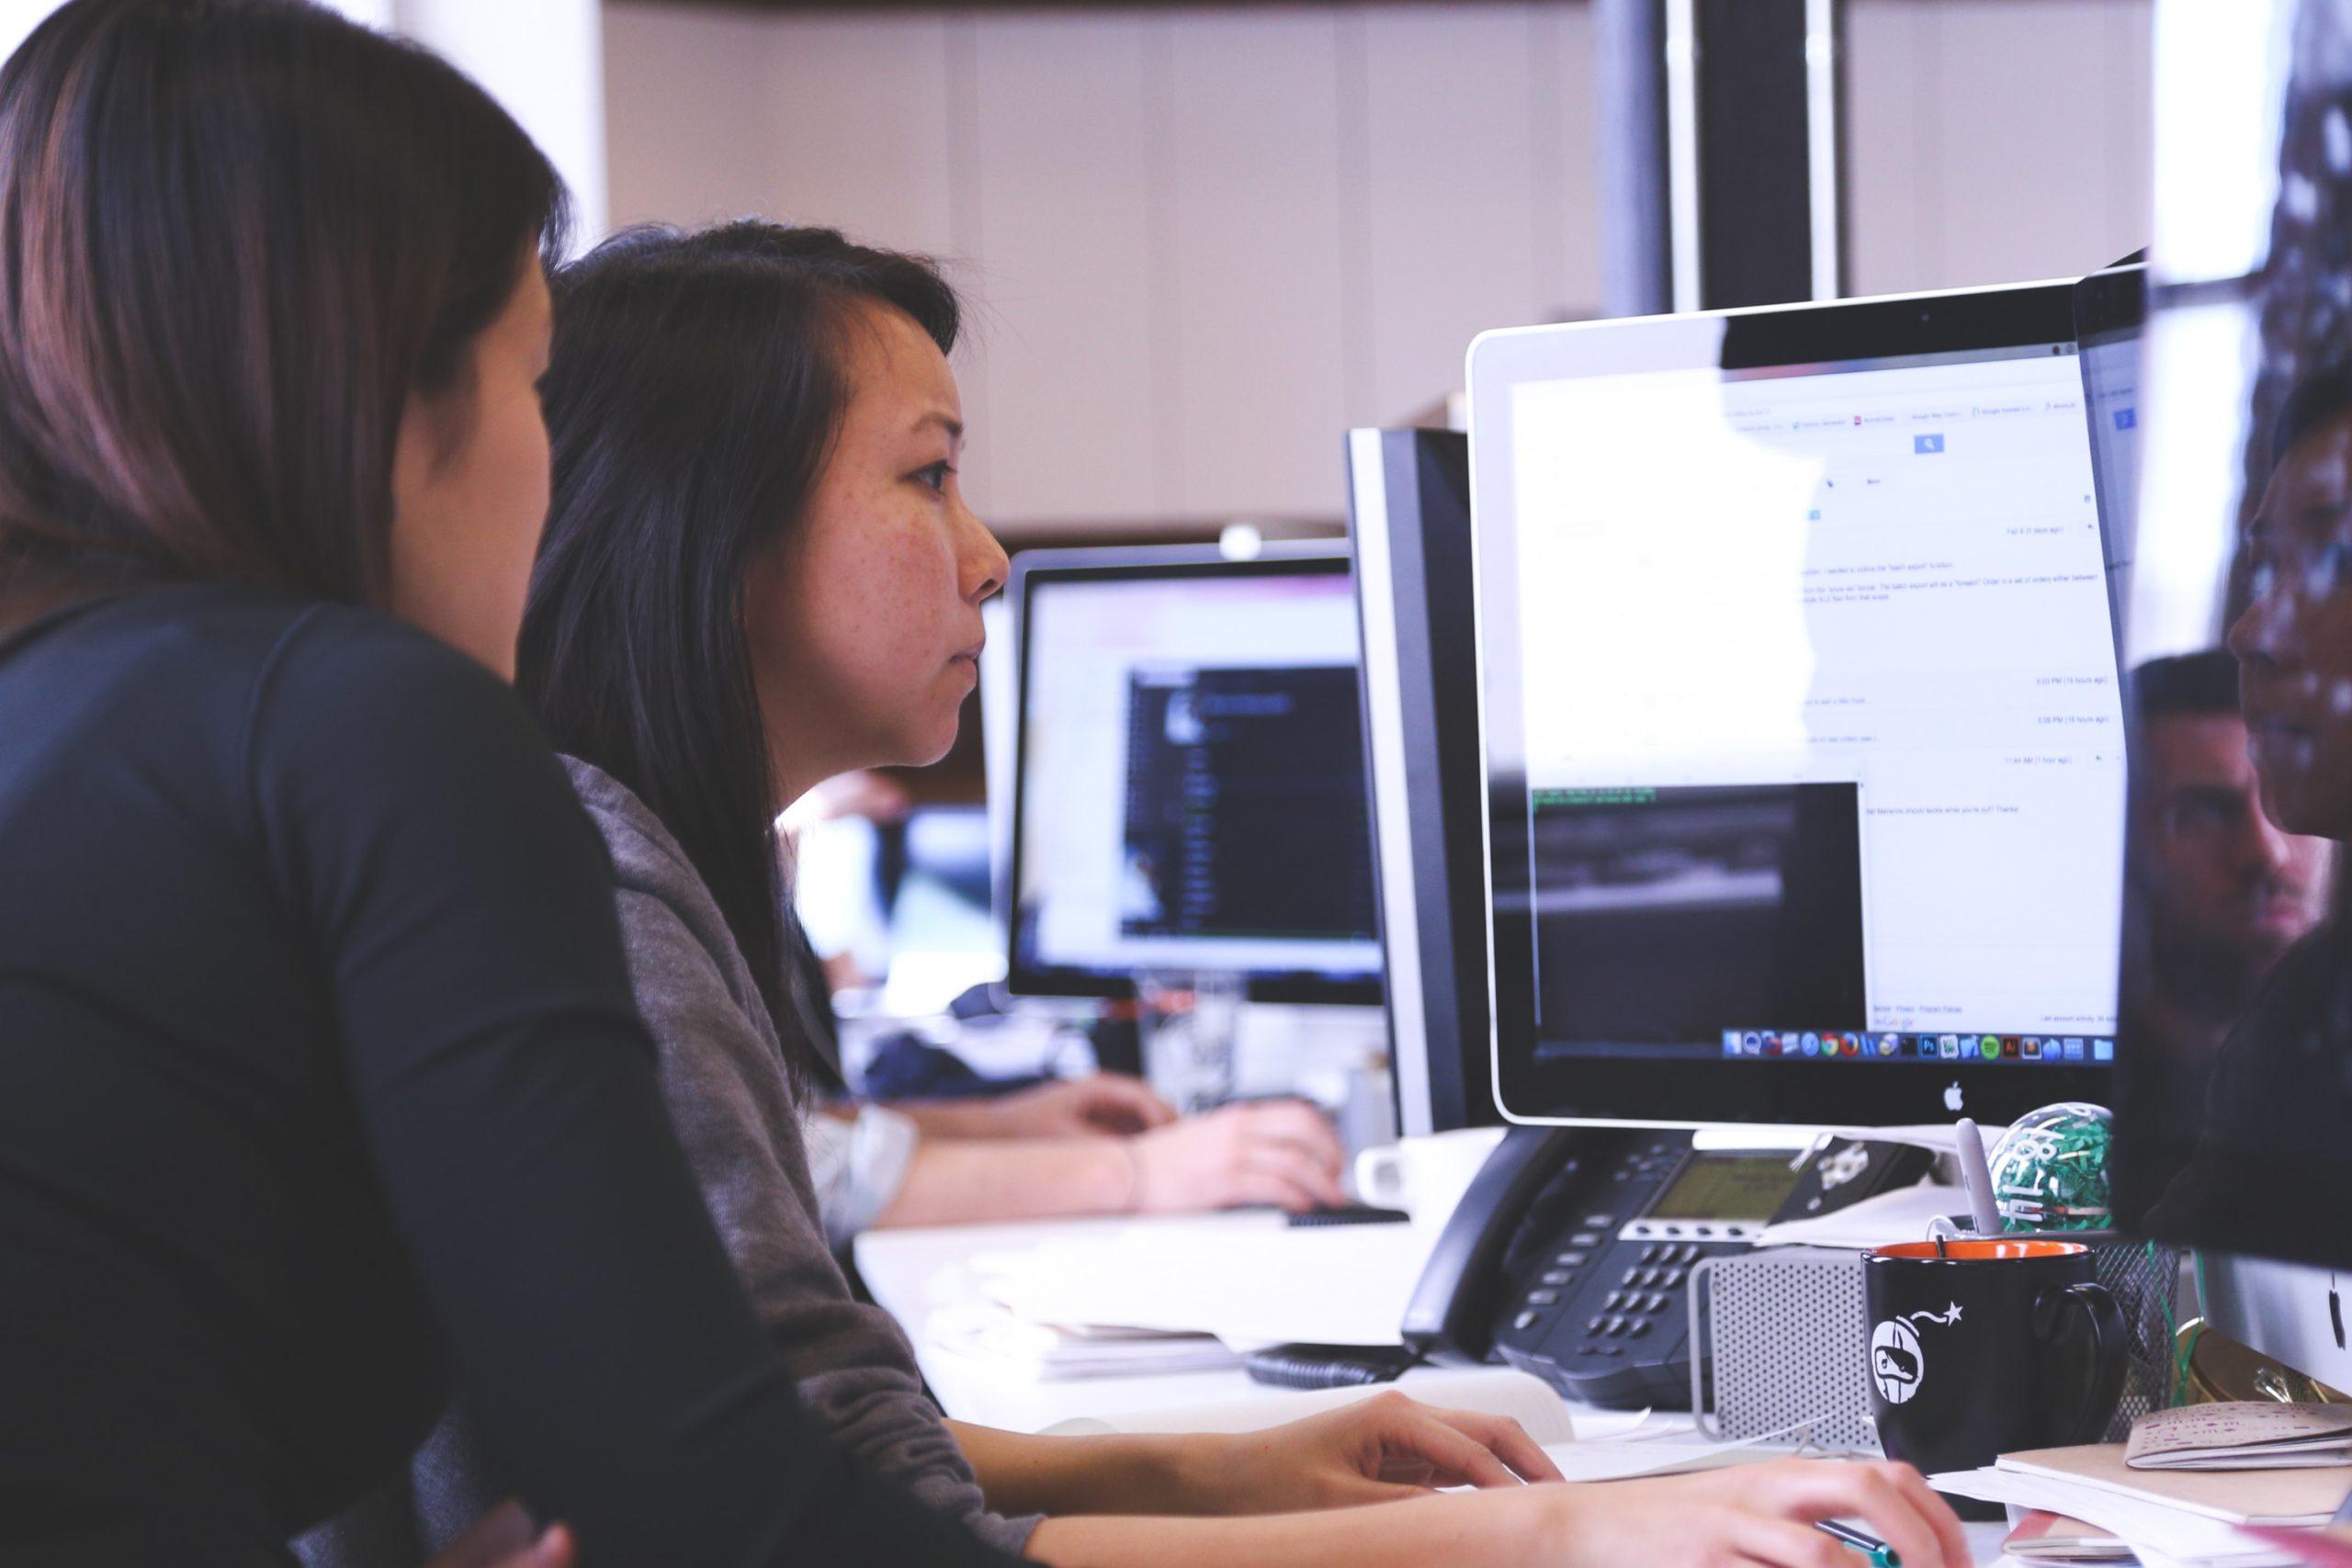 Lehrer müssen digitale Kompetenzen aufbauen